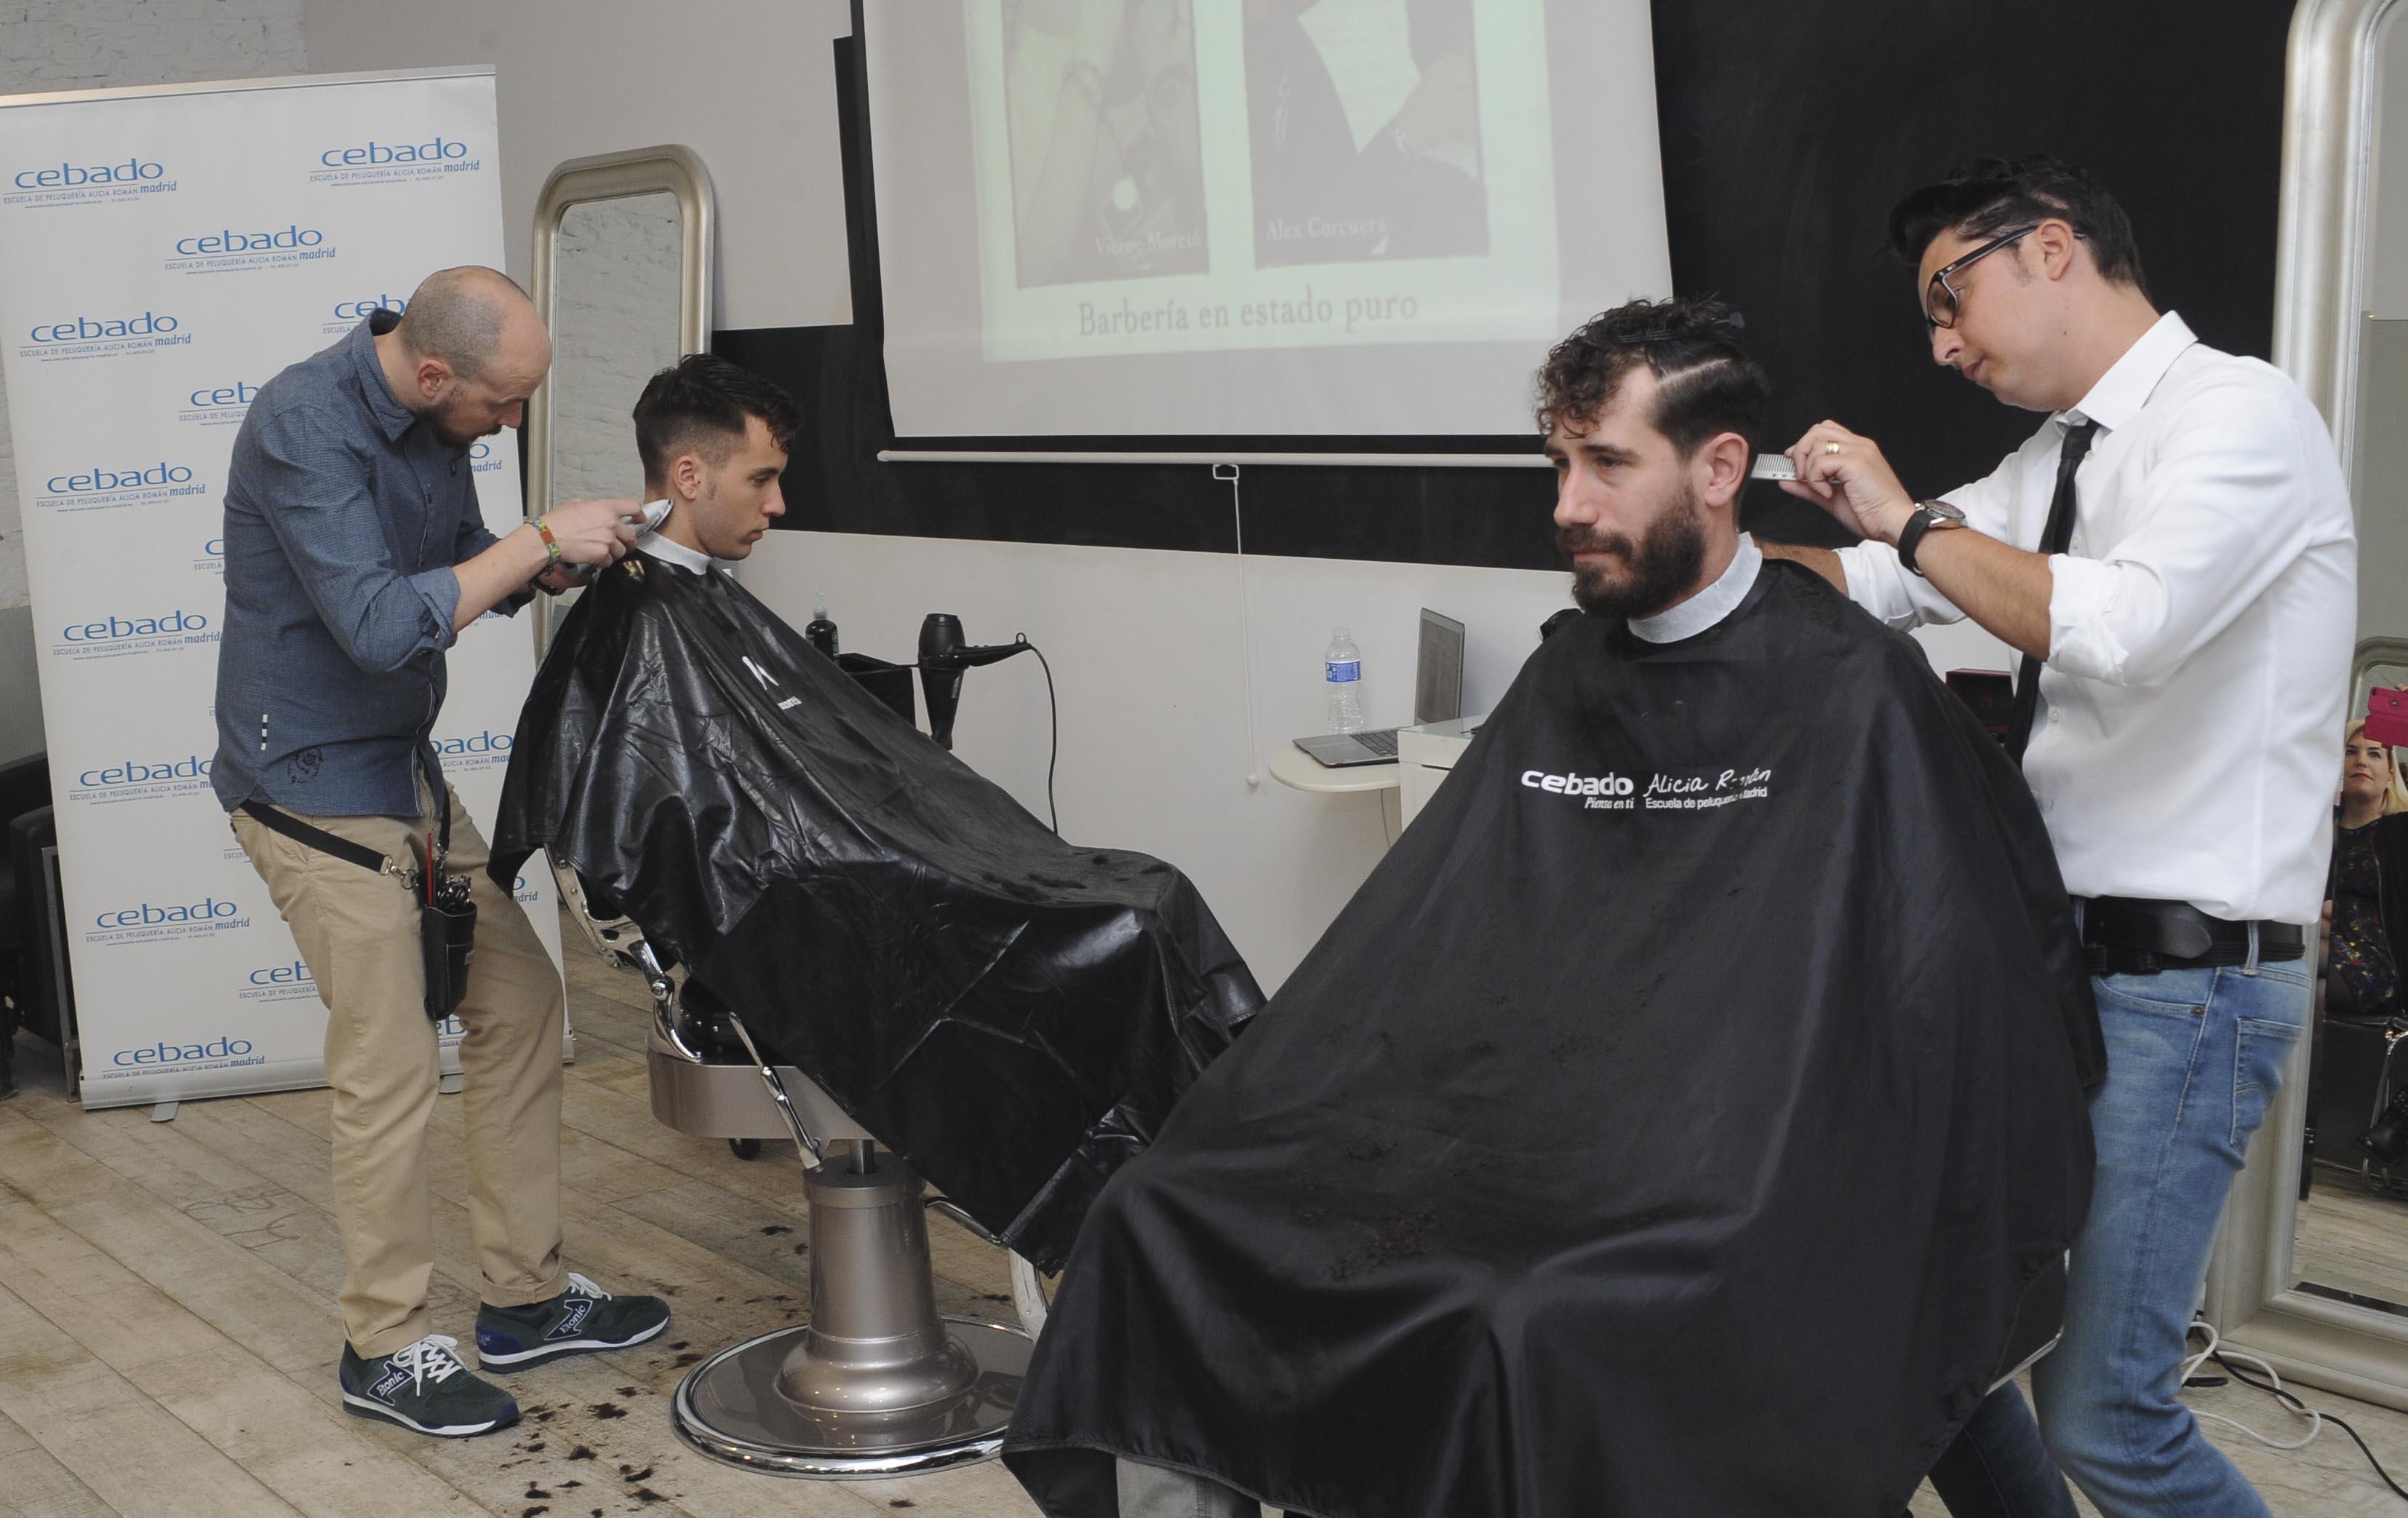 Alex corcuera y Vicenç moretó barbería